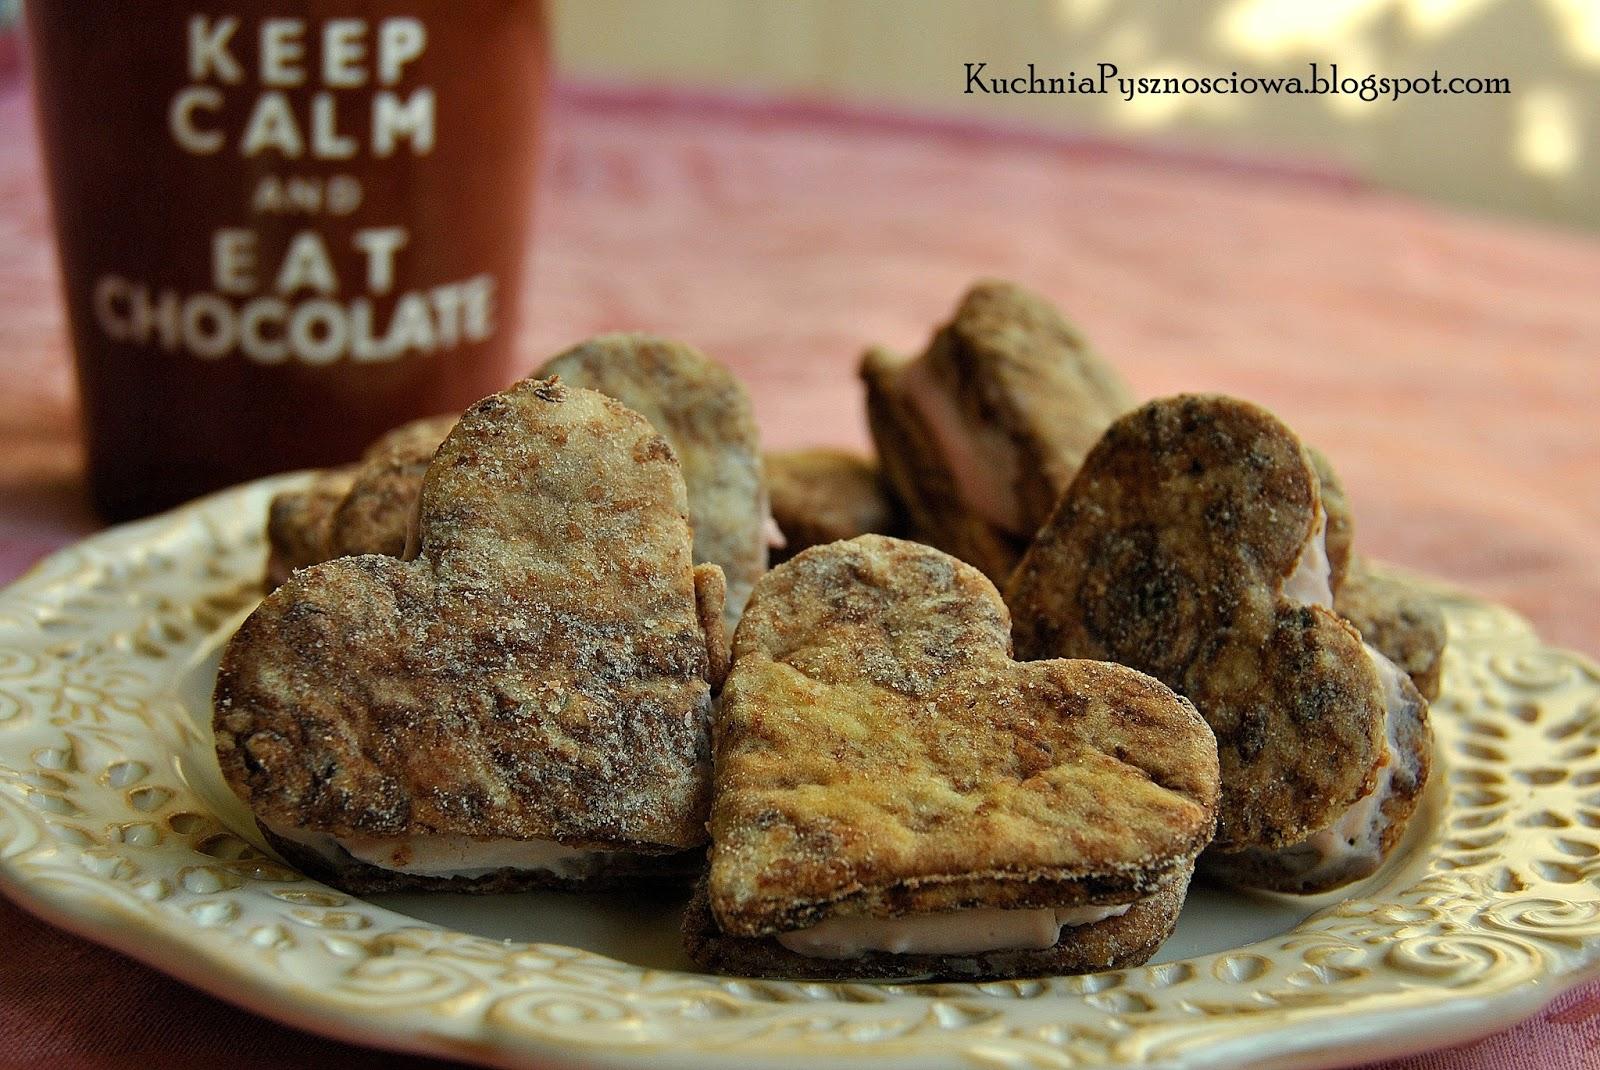 185. Walentynkowe markizy kakaowe z kremem malinowym